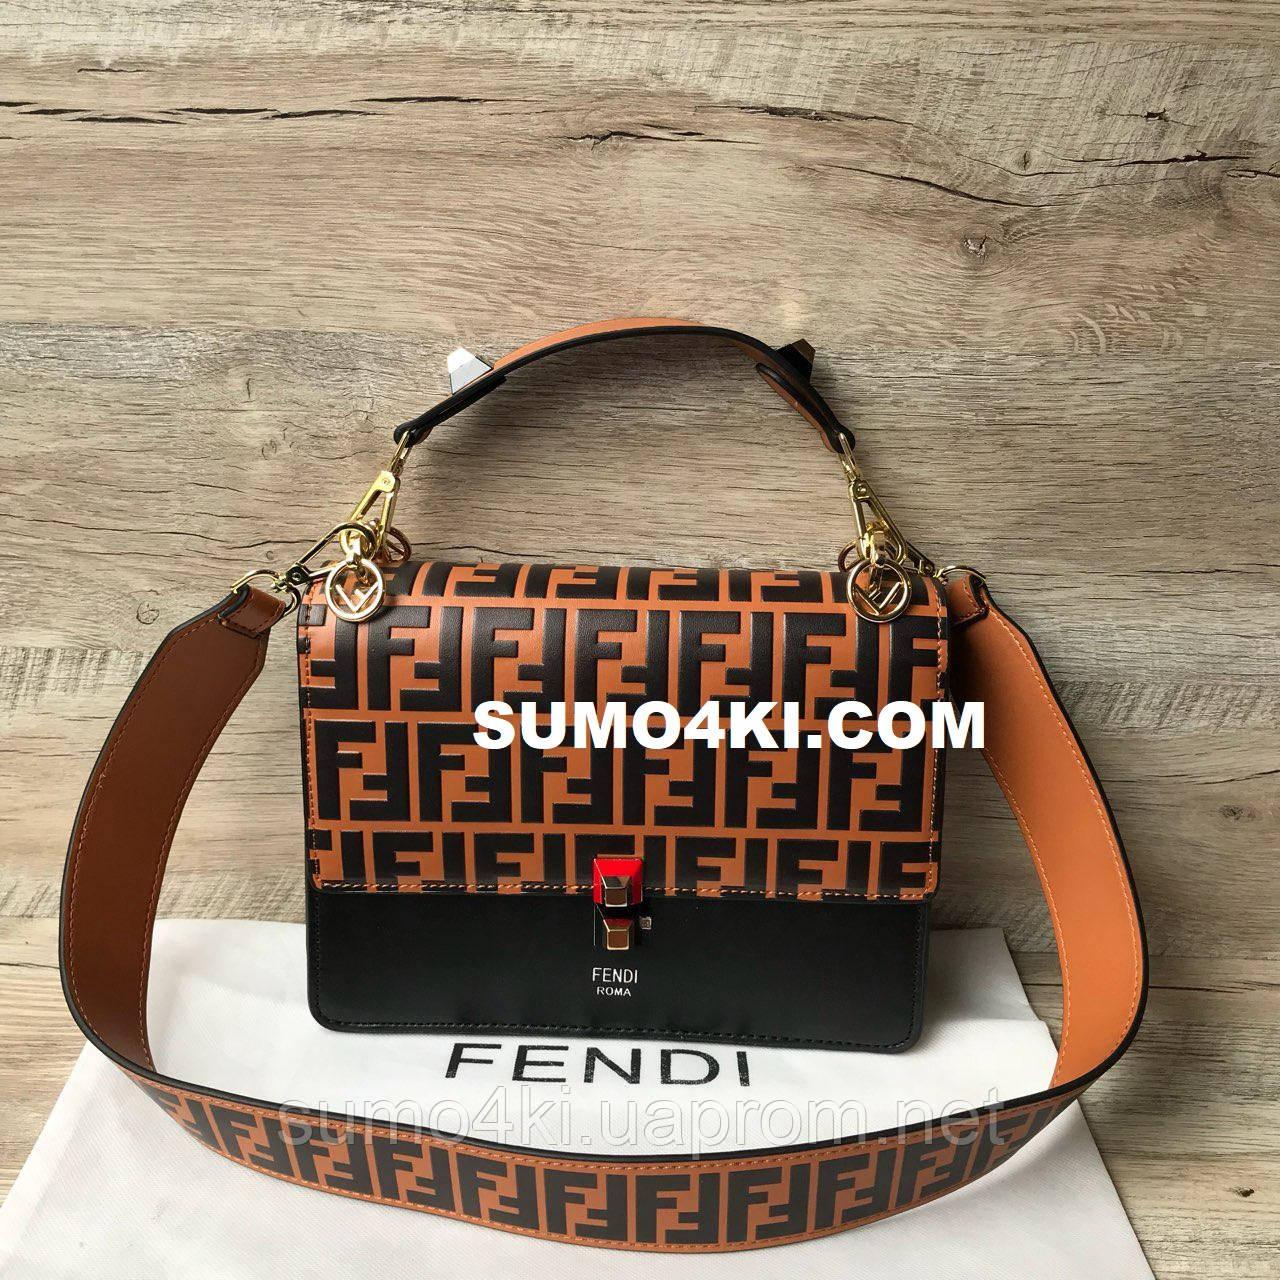 d20eb77ed75a Женская стильная сумка Fendi - Интернет-магазин «Галерея Сумок» в Одессе